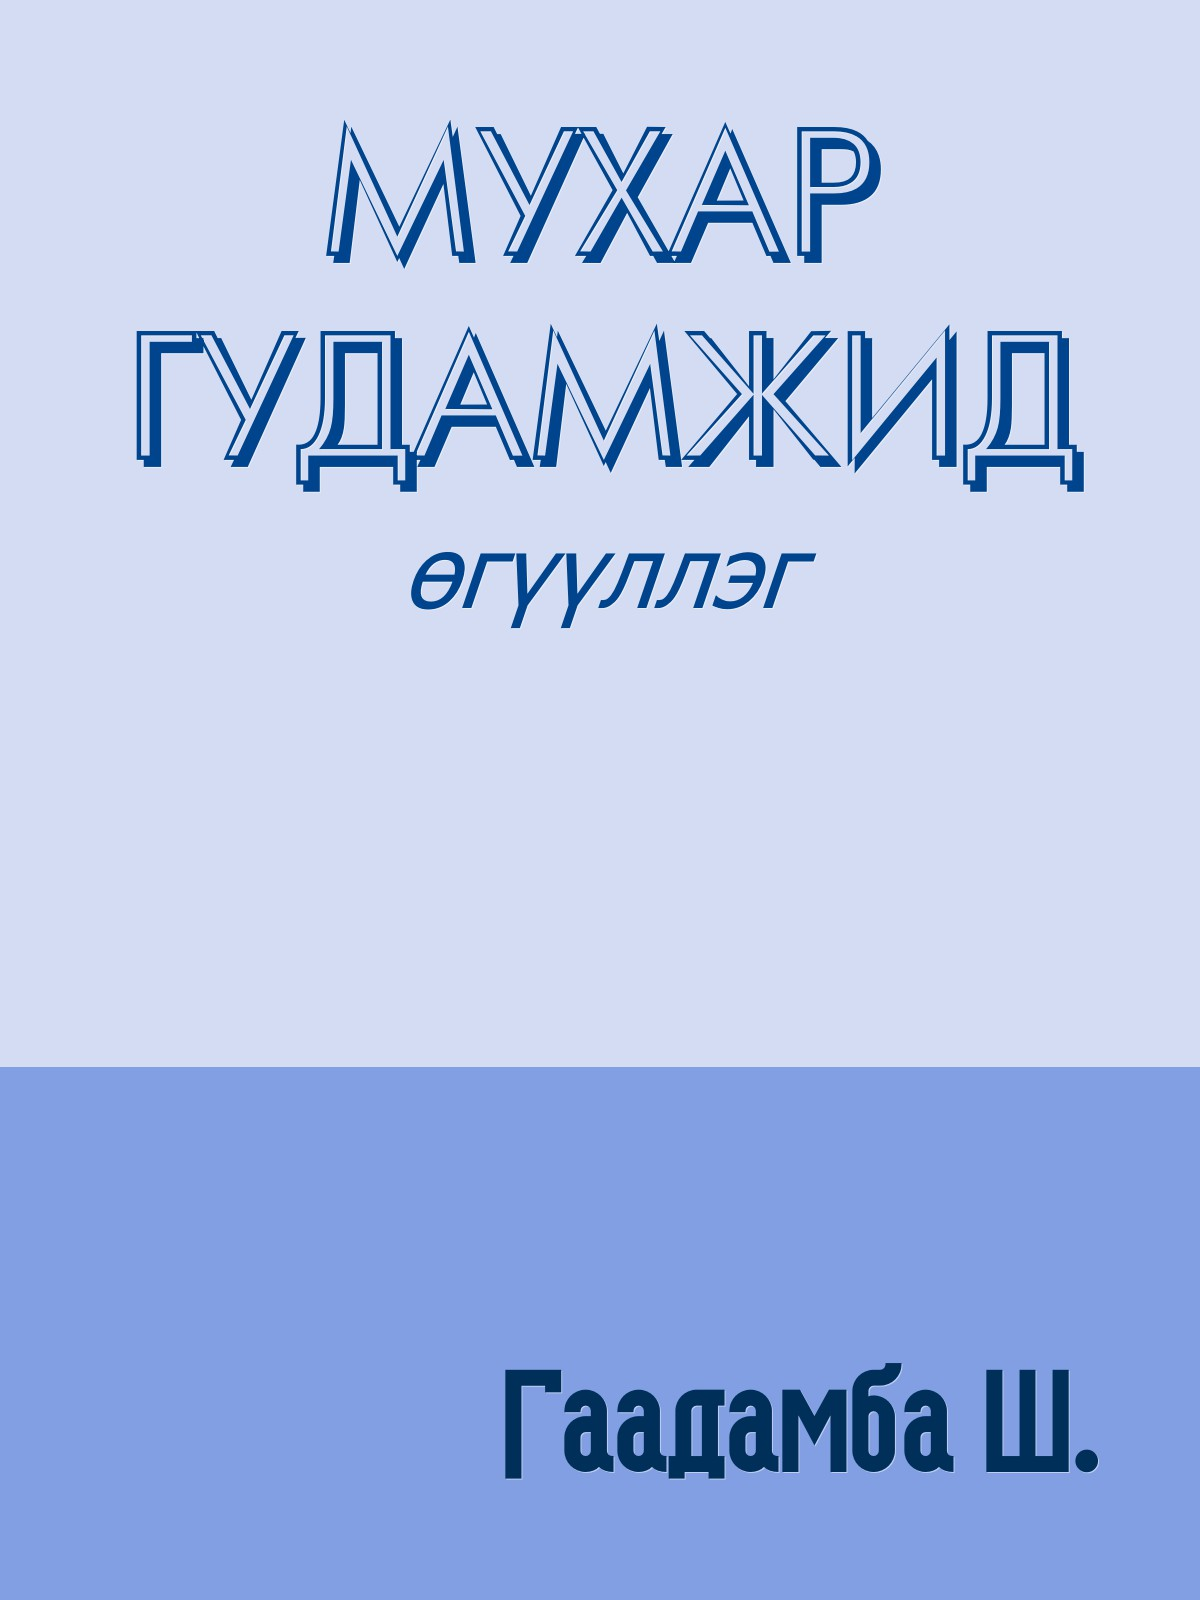 МУХАР ГУДАМЖИД